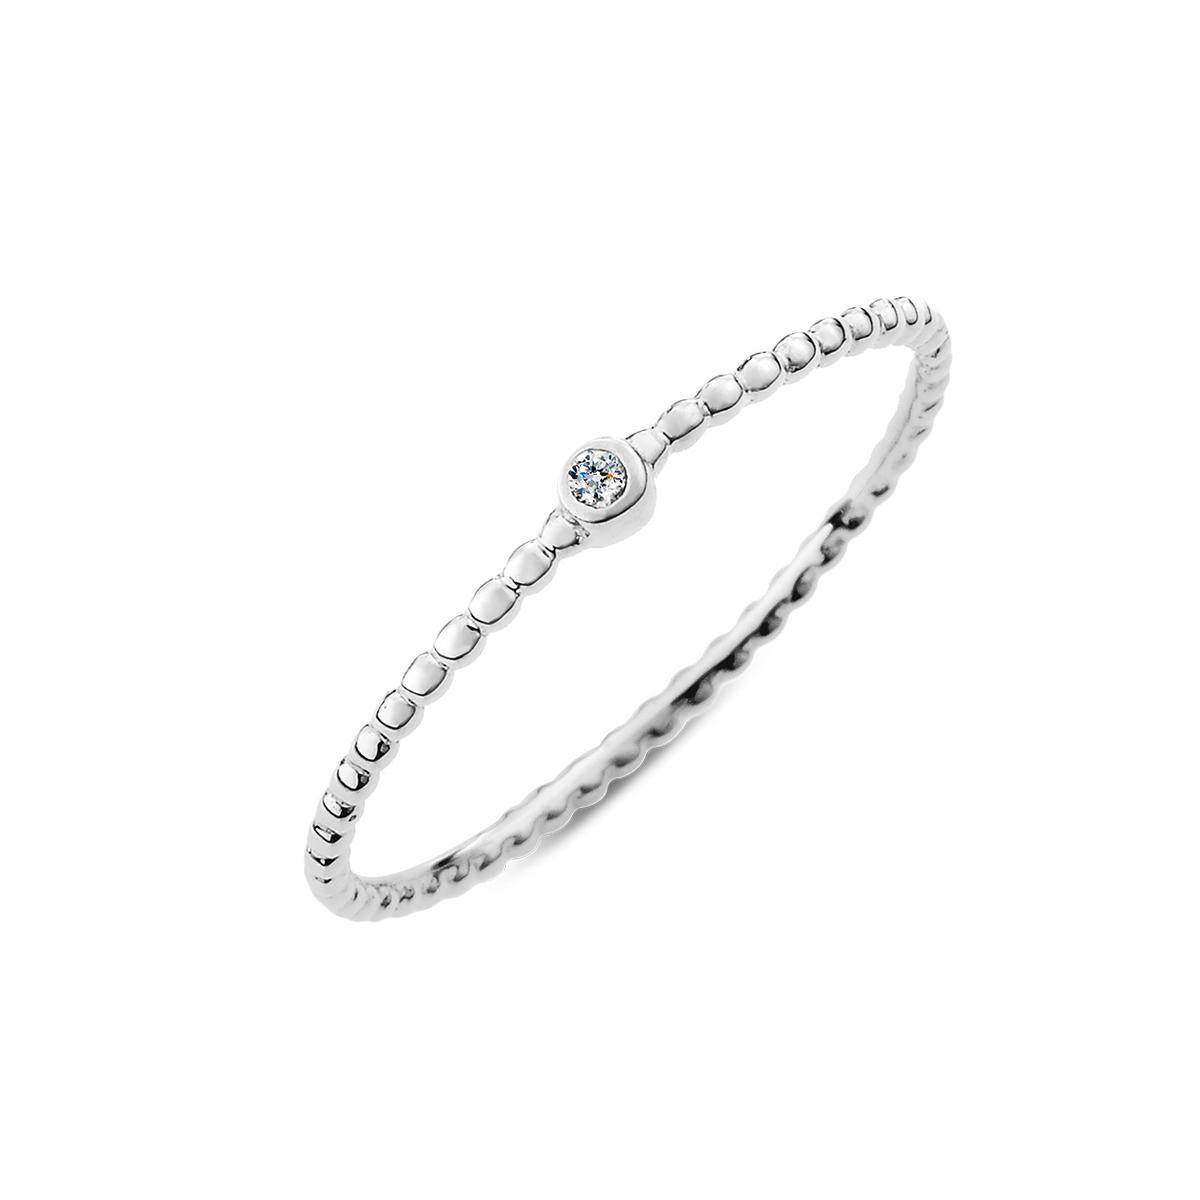 KSW186 珠珠美鑽簡約戒指